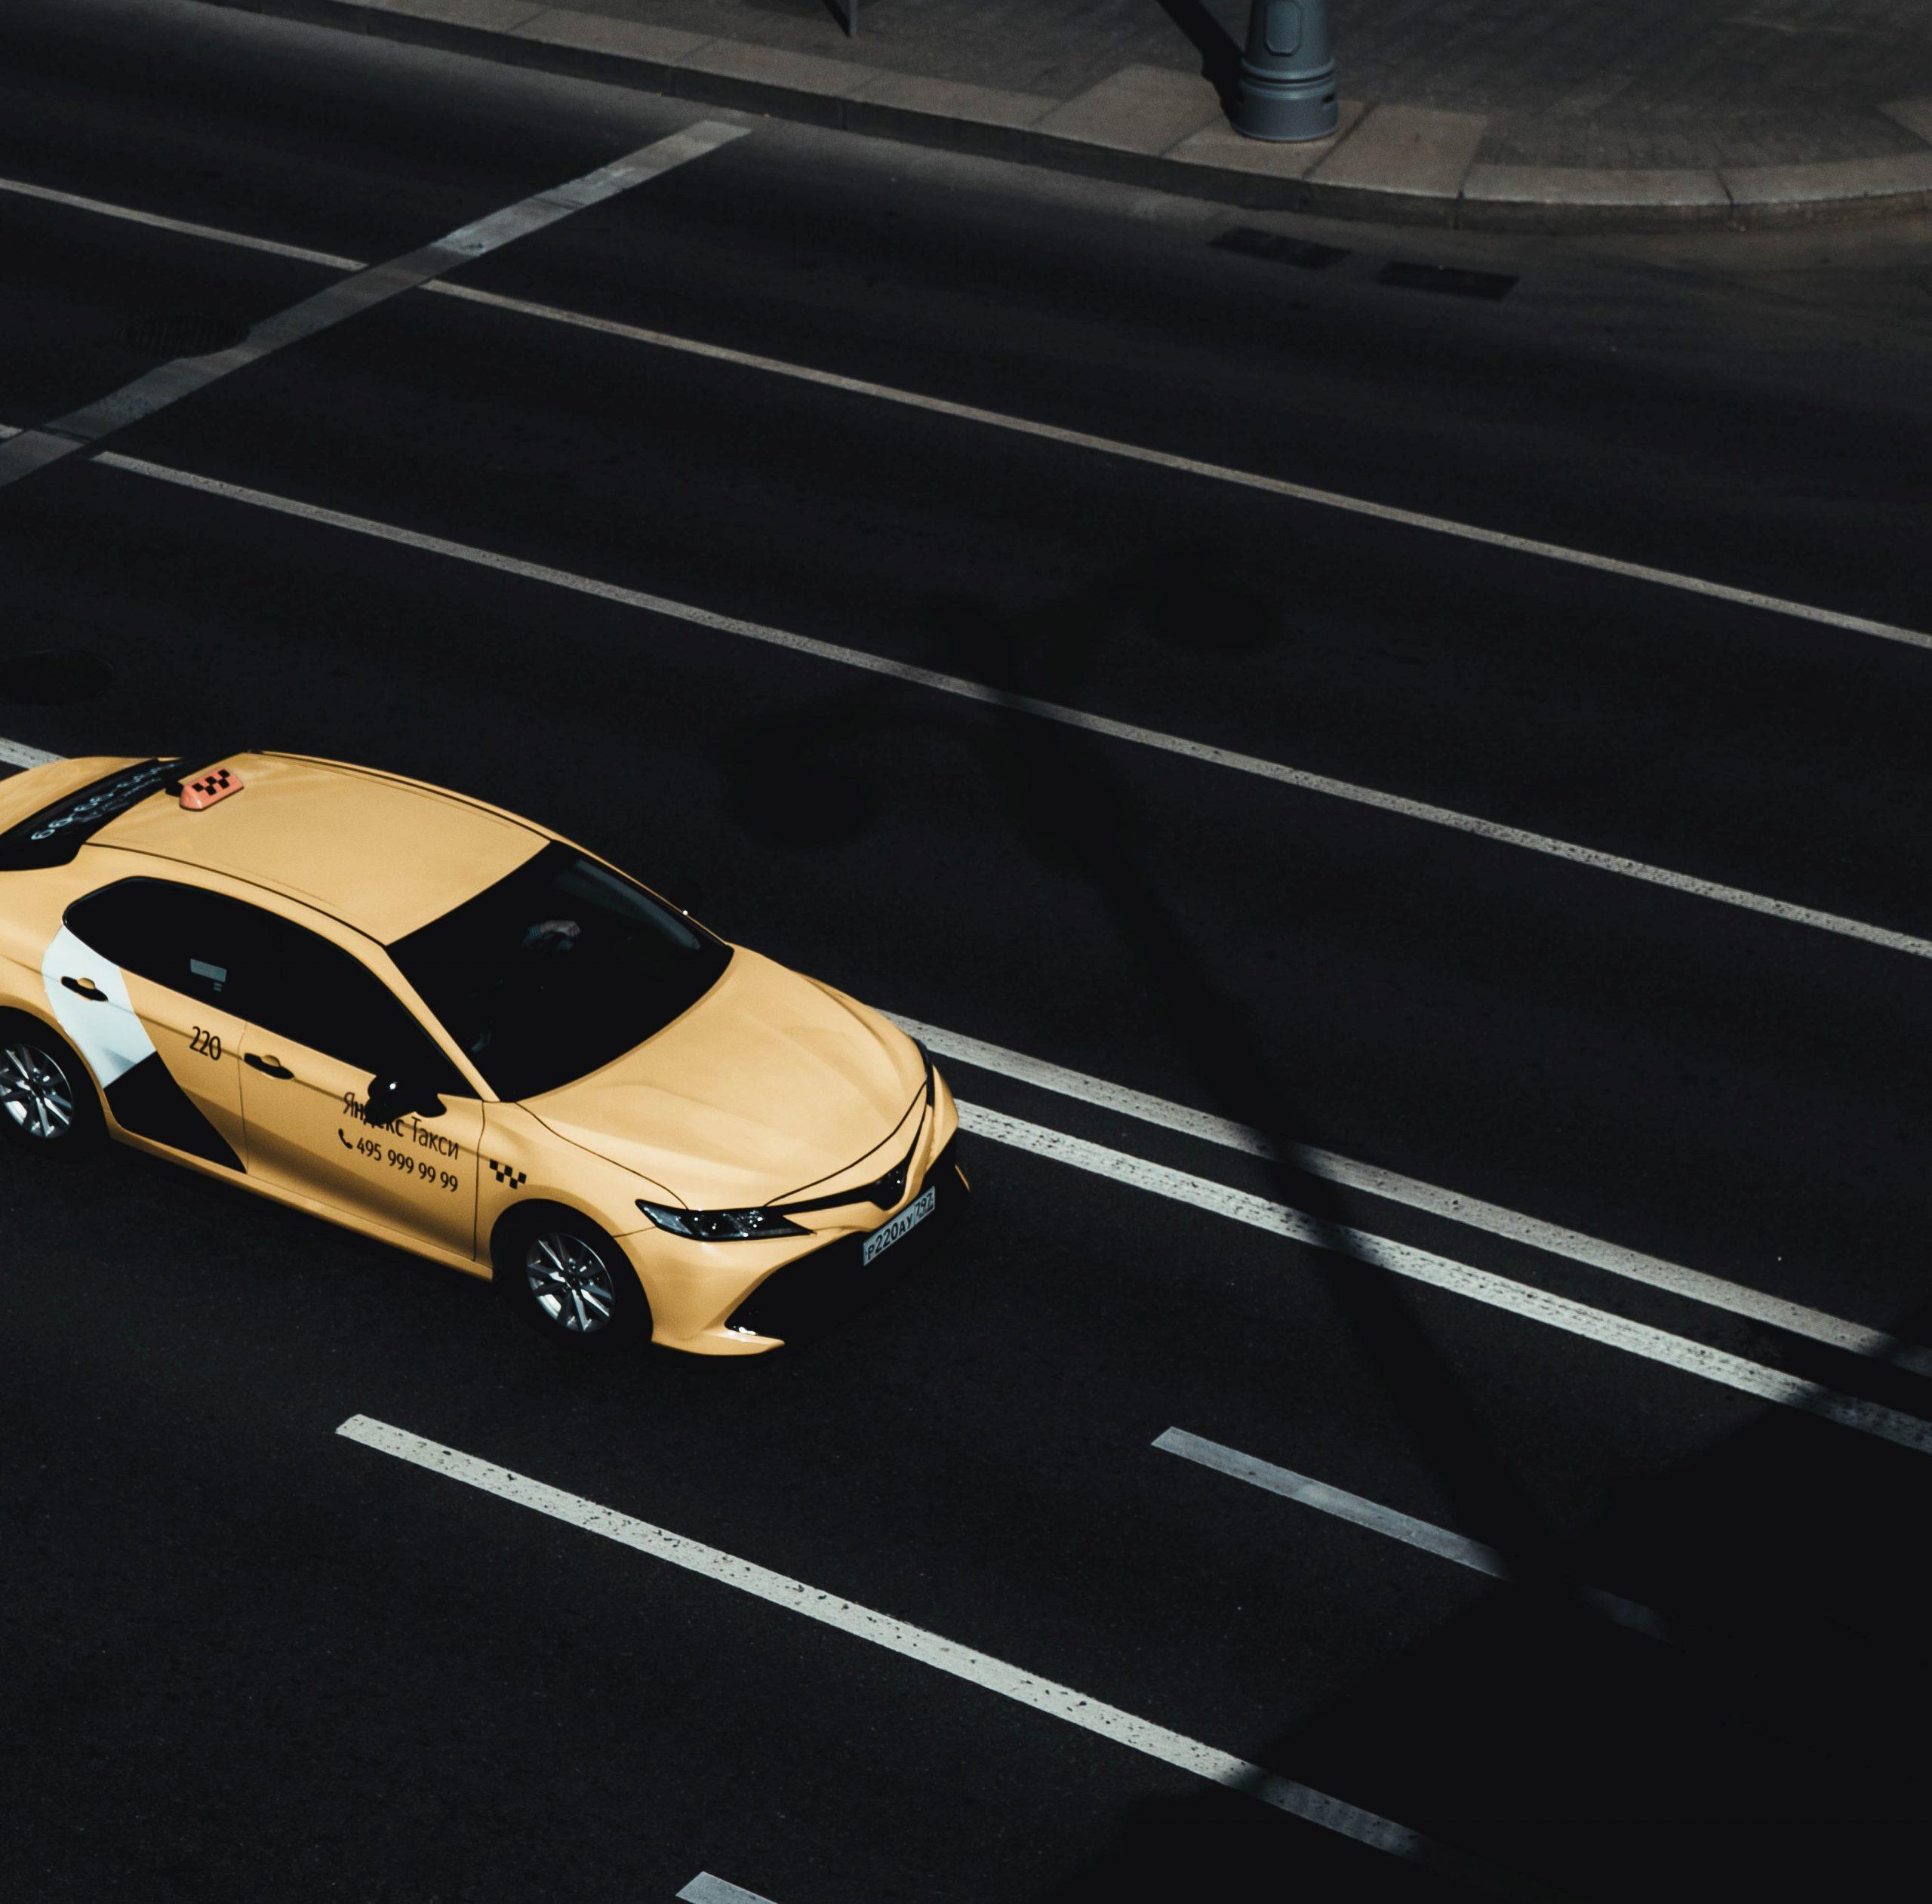 Такси «Яндекса» запустит беспилотники для перевозки пассажиров